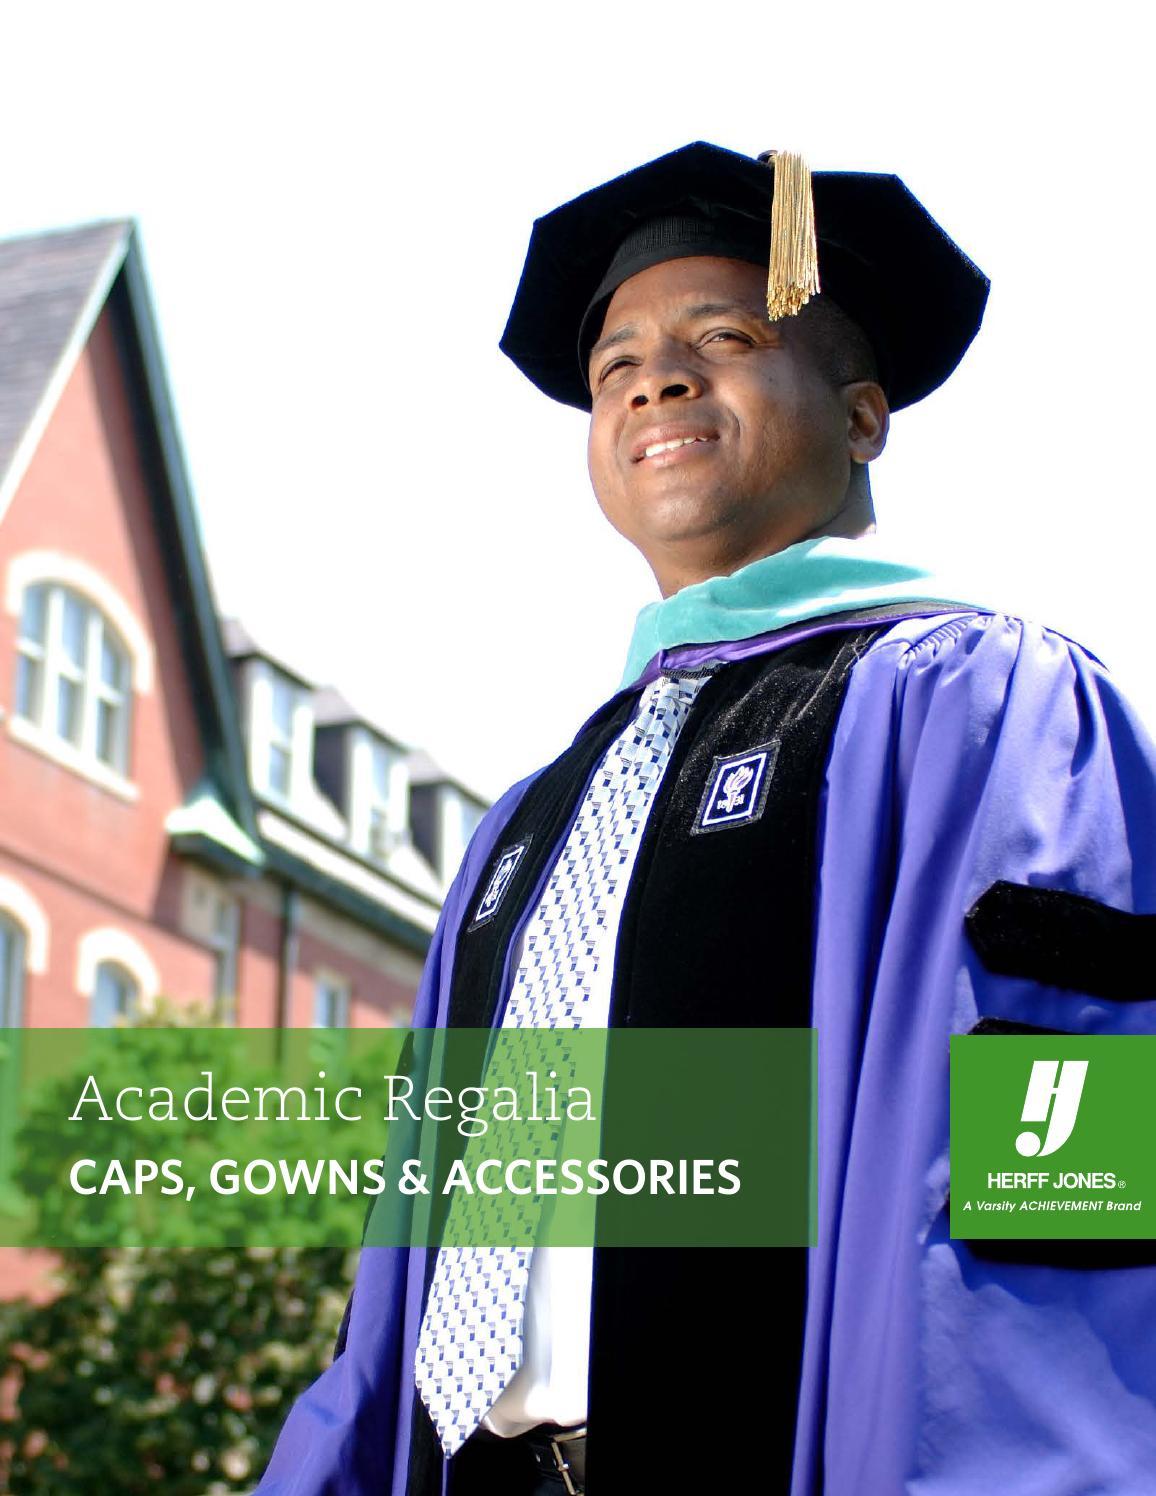 Academic Regalia Catalog 2015 by Herff Jones - issuu